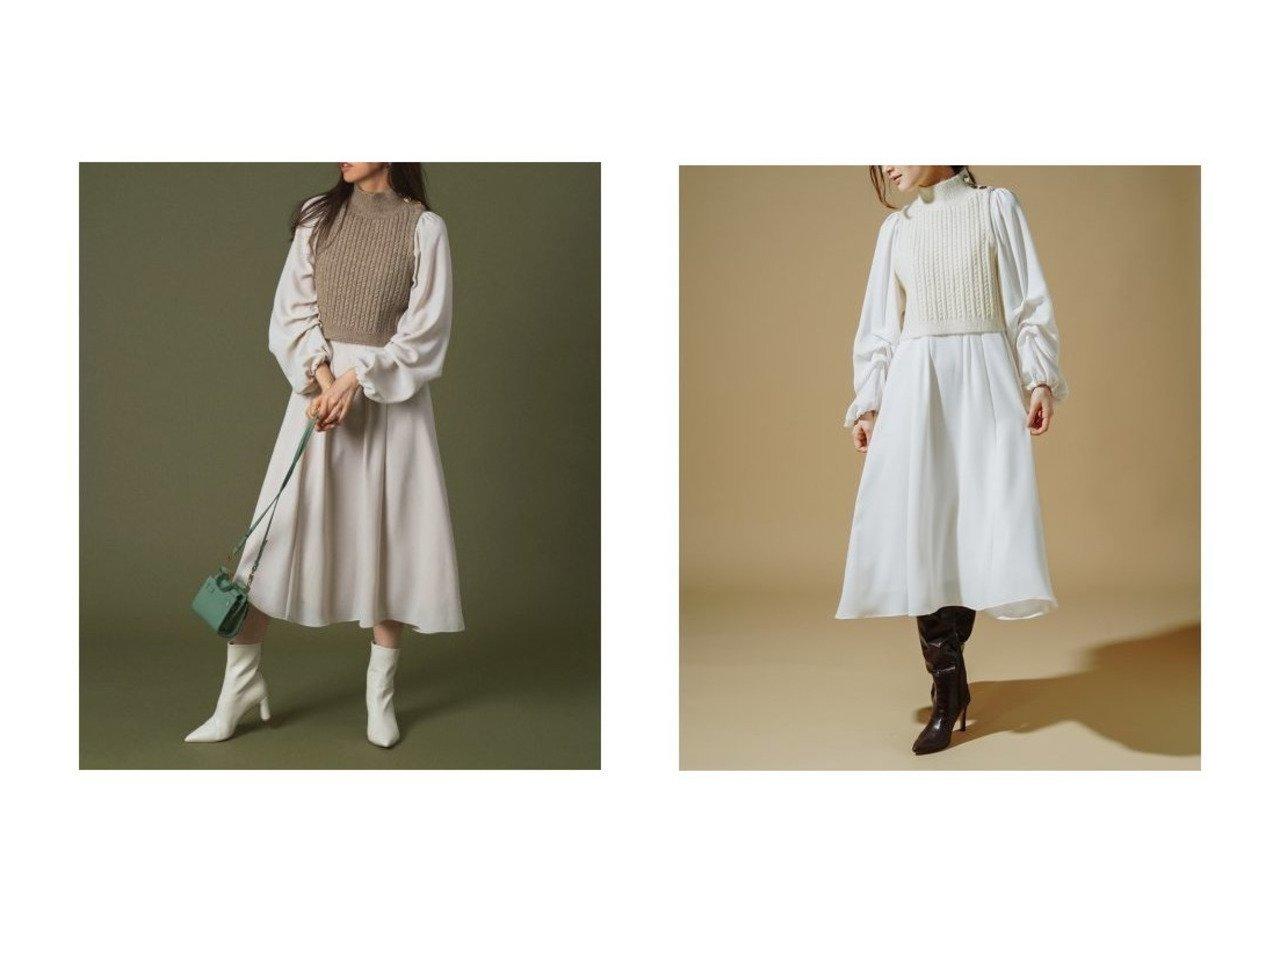 【CELFORD/セルフォード】のニットベストレイヤードワンピース ワンピース・ドレスのおすすめ!人気、トレンド・レディースファッションの通販 おすすめで人気の流行・トレンド、ファッションの通販商品 メンズファッション・キッズファッション・インテリア・家具・レディースファッション・服の通販 founy(ファニー) https://founy.com/ ファッション Fashion レディースファッション WOMEN アウター Coat Outerwear アクリル ギャザー スマート ハイネック ベスト ロング 冬 Winter 2020年 2020 再入荷 Restock/Back in Stock/Re Arrival 2020-2021 秋冬 A/W AW Autumn/Winter / FW Fall-Winter 2020-2021 |ID:crp329100000016427